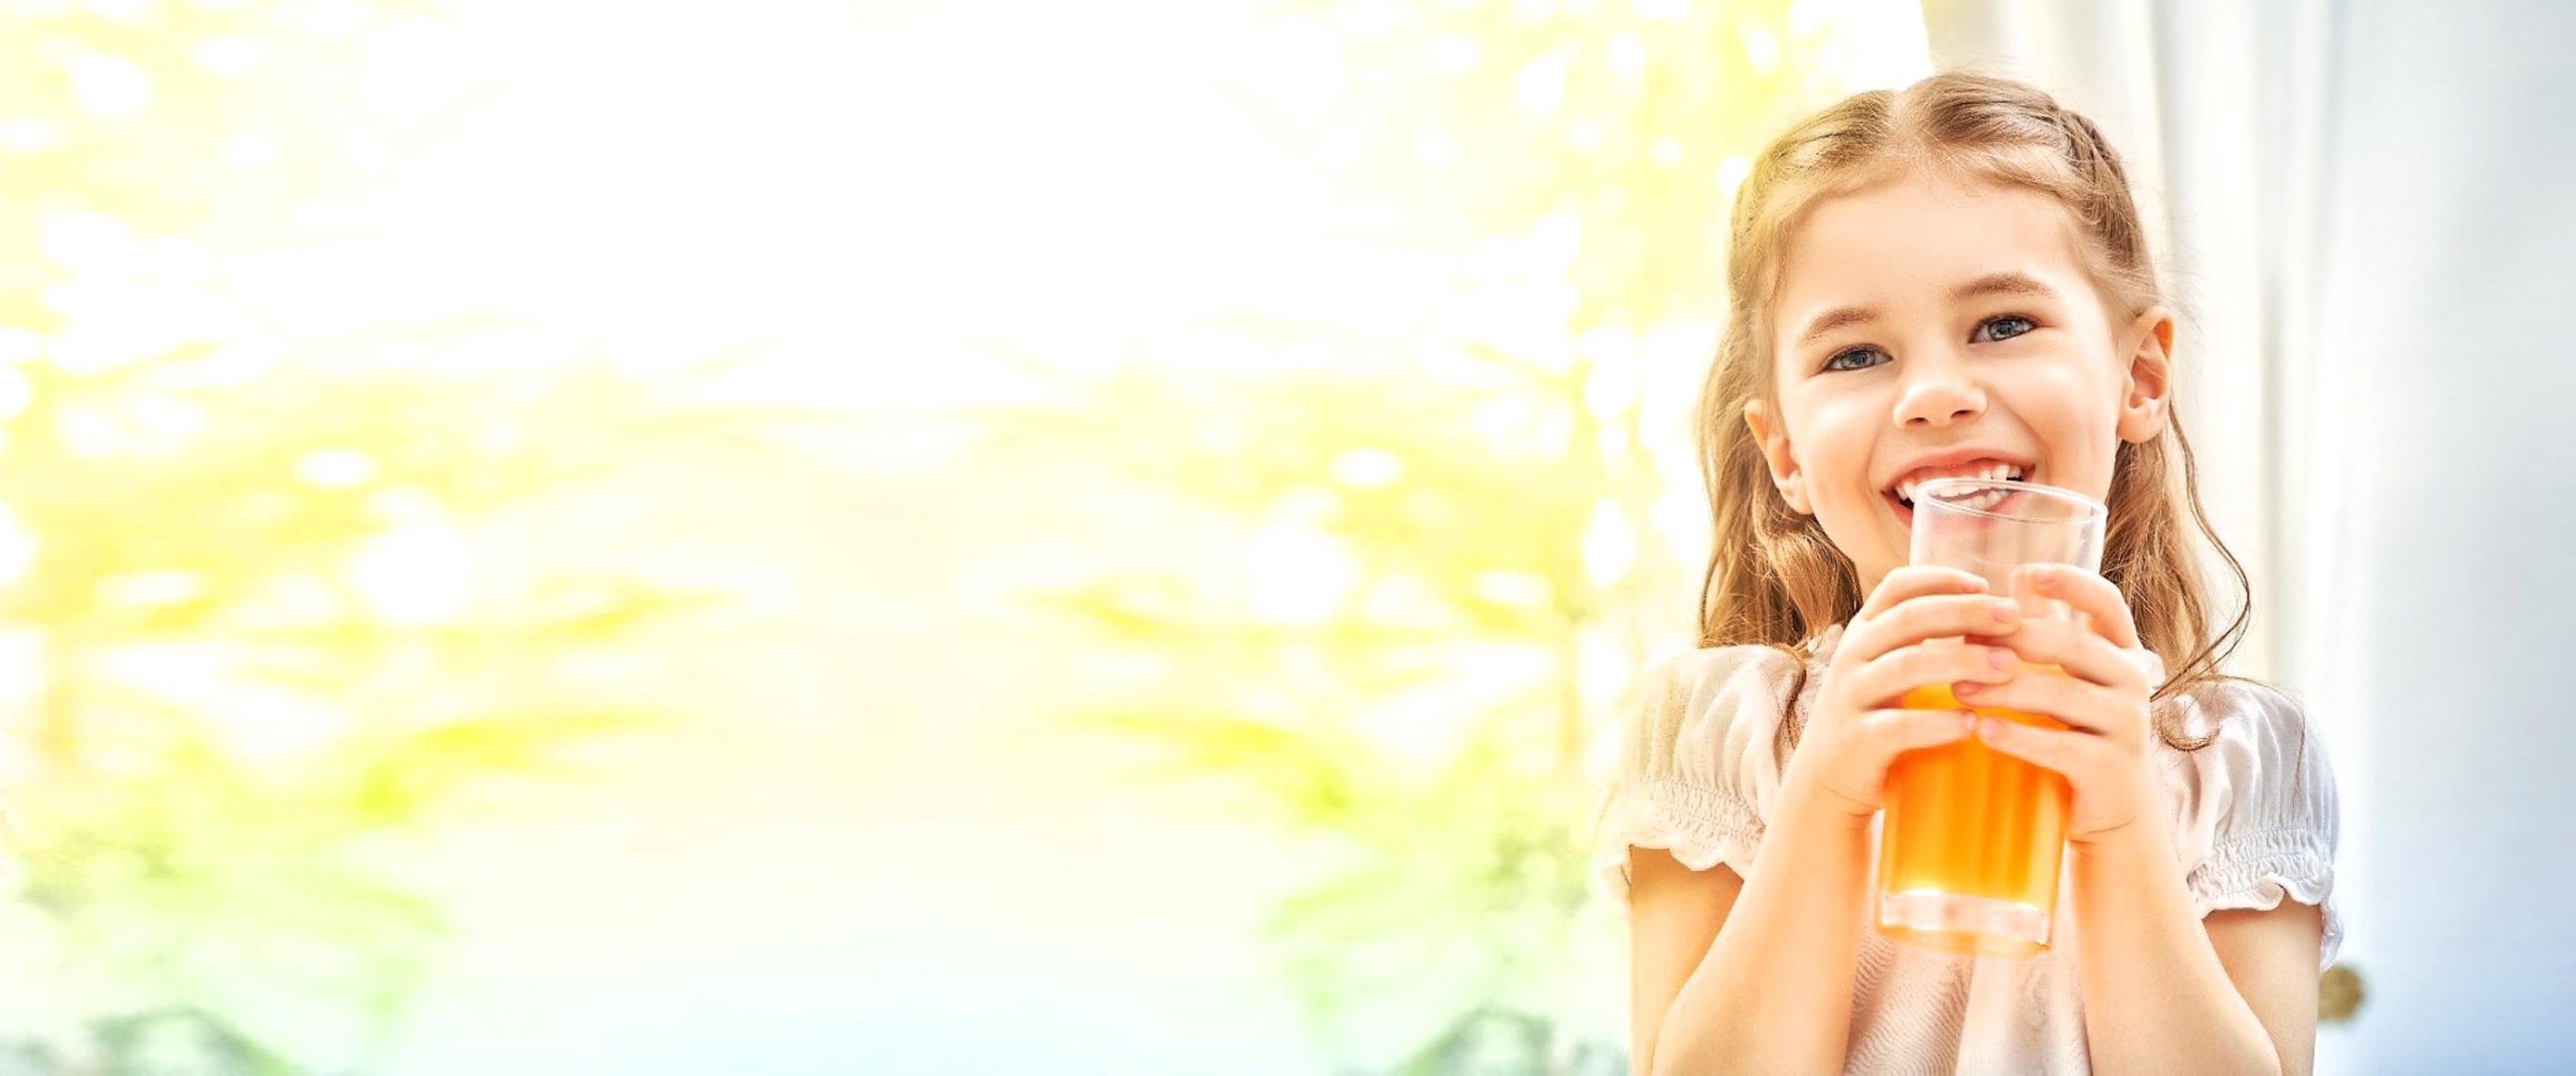 8個不起眼的習慣 毀掉你的牙齒